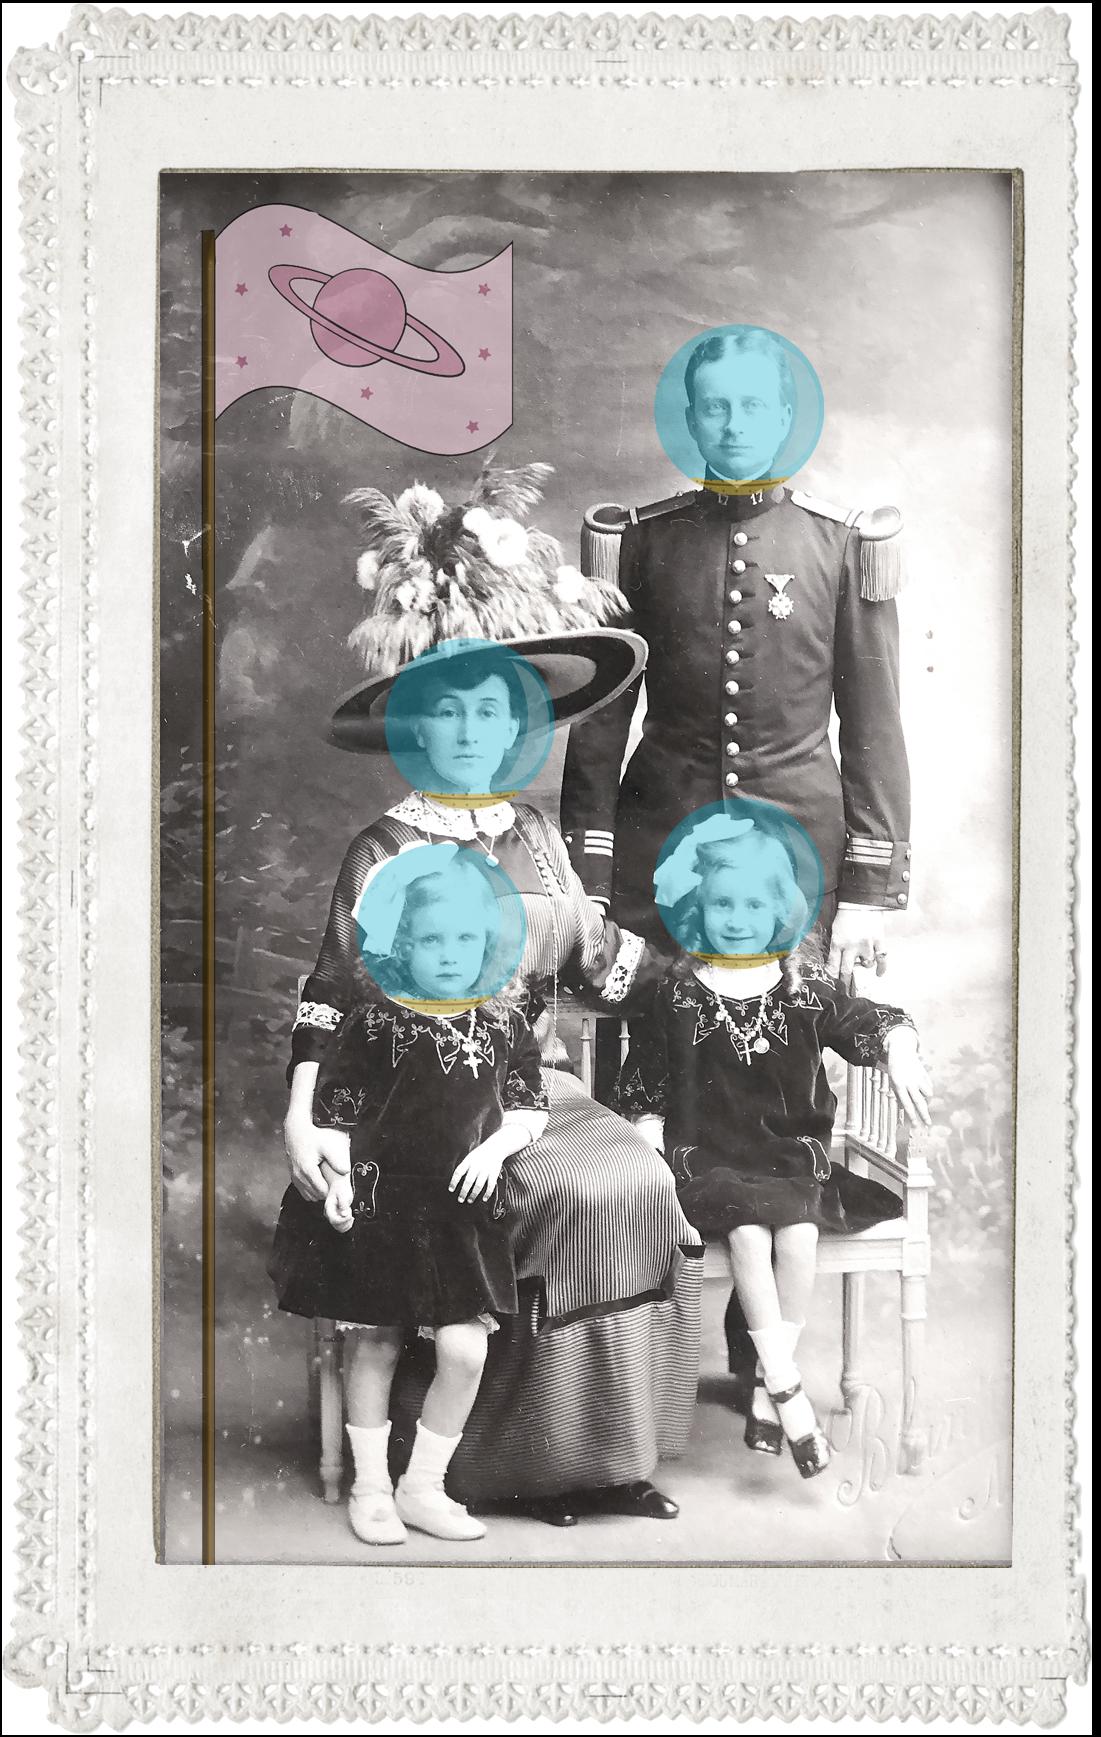 L'histoire - Avant tout, il y eut Jacqueline, Renée, Helène et Maurice, qui construisirent la Maison Caumont. C'était hier en 1900.Malencontreusement, la Maison Caumont n'étant plus, Laure du Chatenet, arrière arriere petite fille la réinventa...Exploratrice voyageant à travers les époques et les styles, elle crée un univers personnel où se mêlent l'esthétique du 18ème, le modernisme du 20ème et les voyages au bout du monde.À la manière d'un cabinet de curiosités, cette architecte d'intérieur, dessinatrice et illustratrice présente ses créations à la fois poétiques, décalées et singulières.